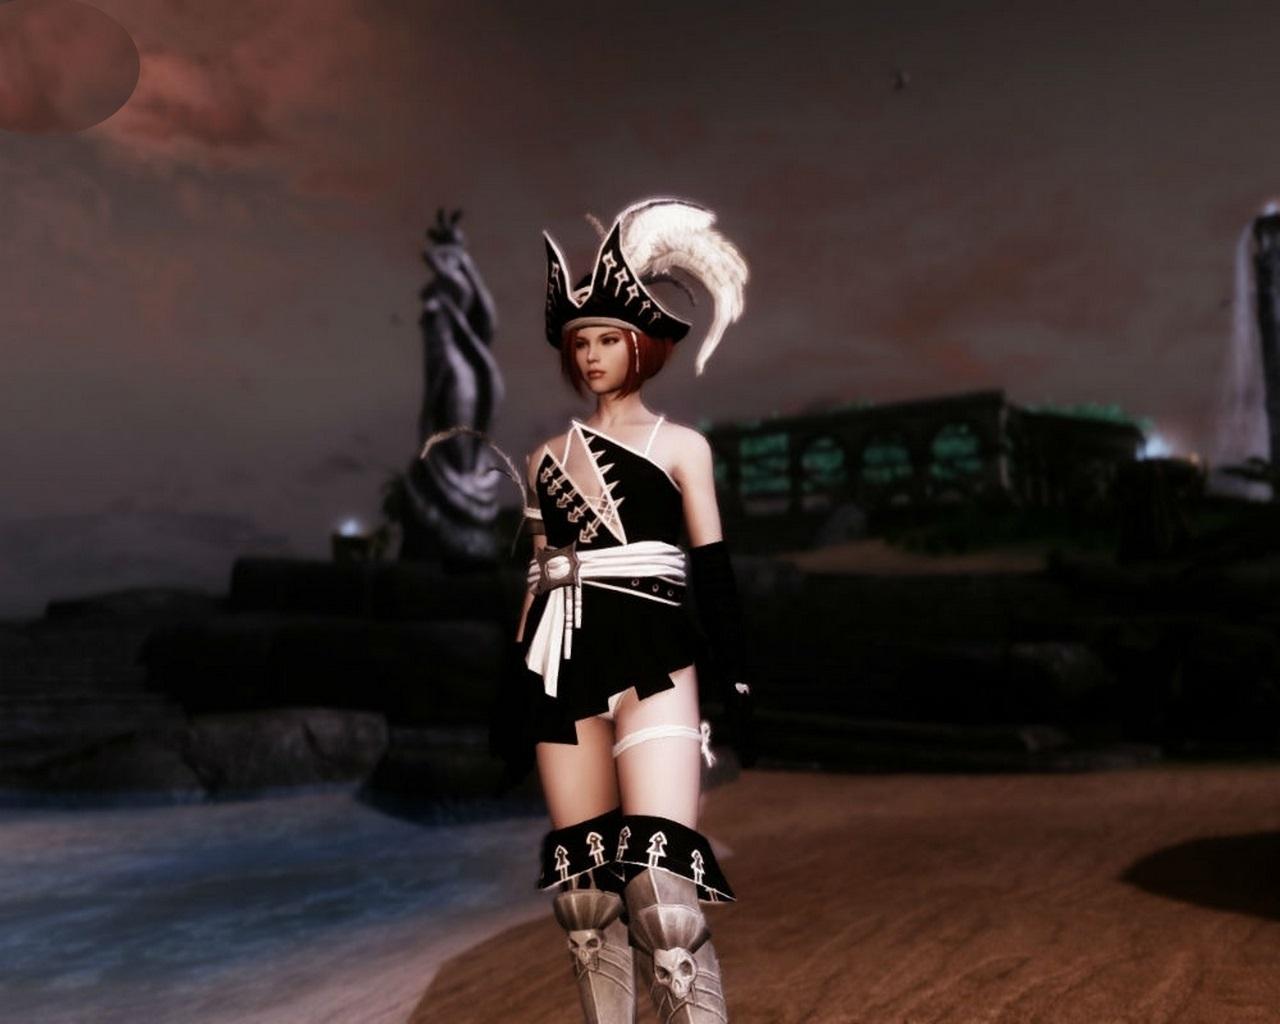 Pirates_robes_01.jpg